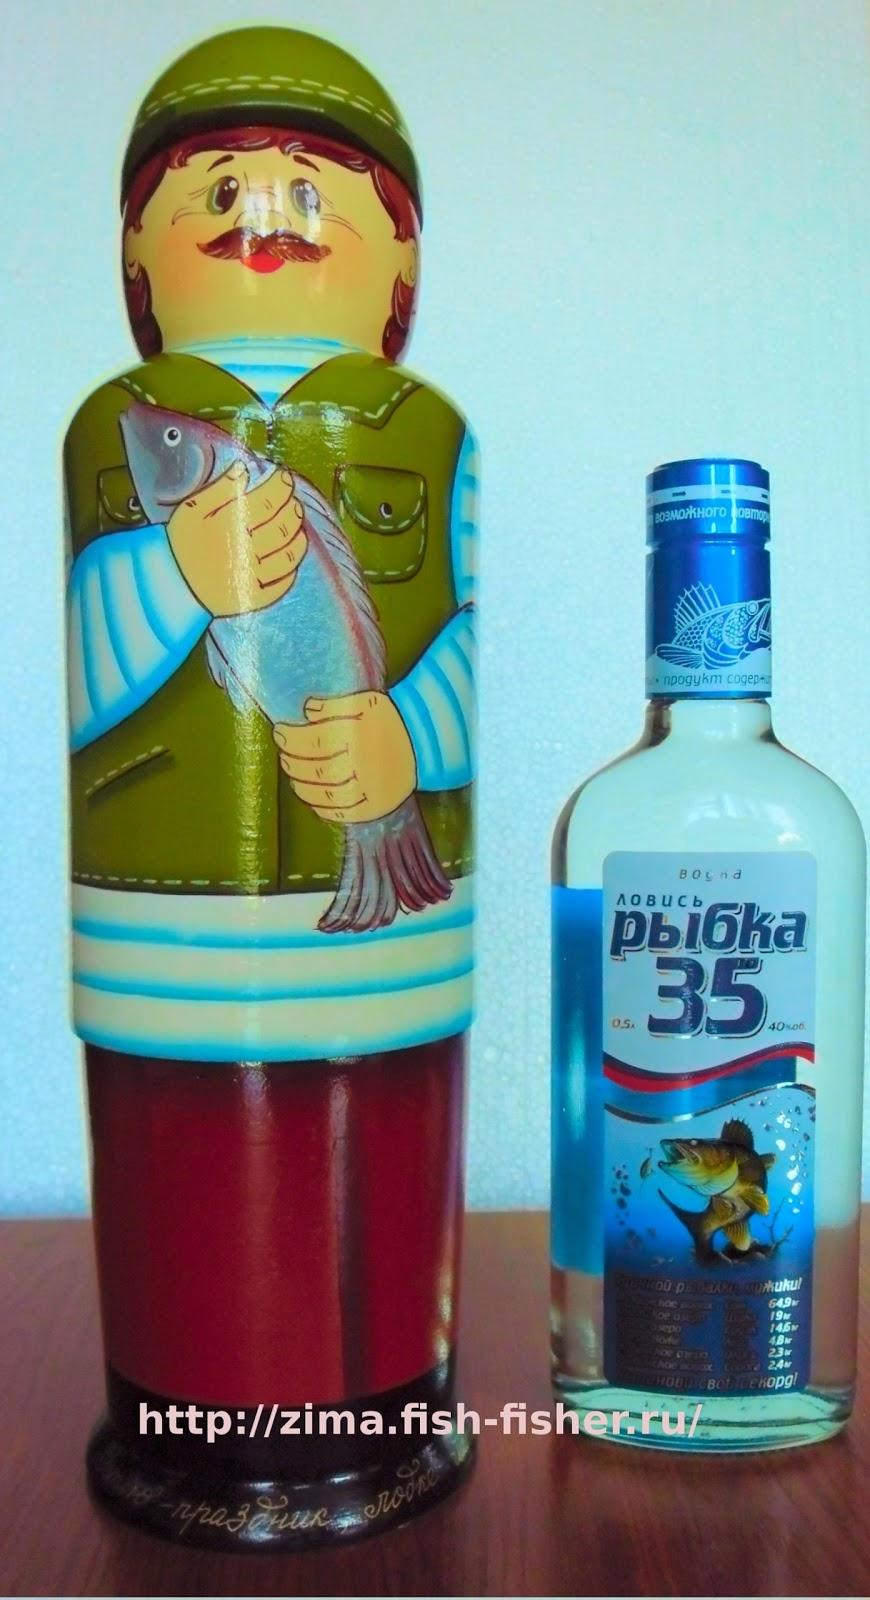 Отличный подарок рыбаку — деревянный футляр для бутылки водки. Он может стать украшением стола